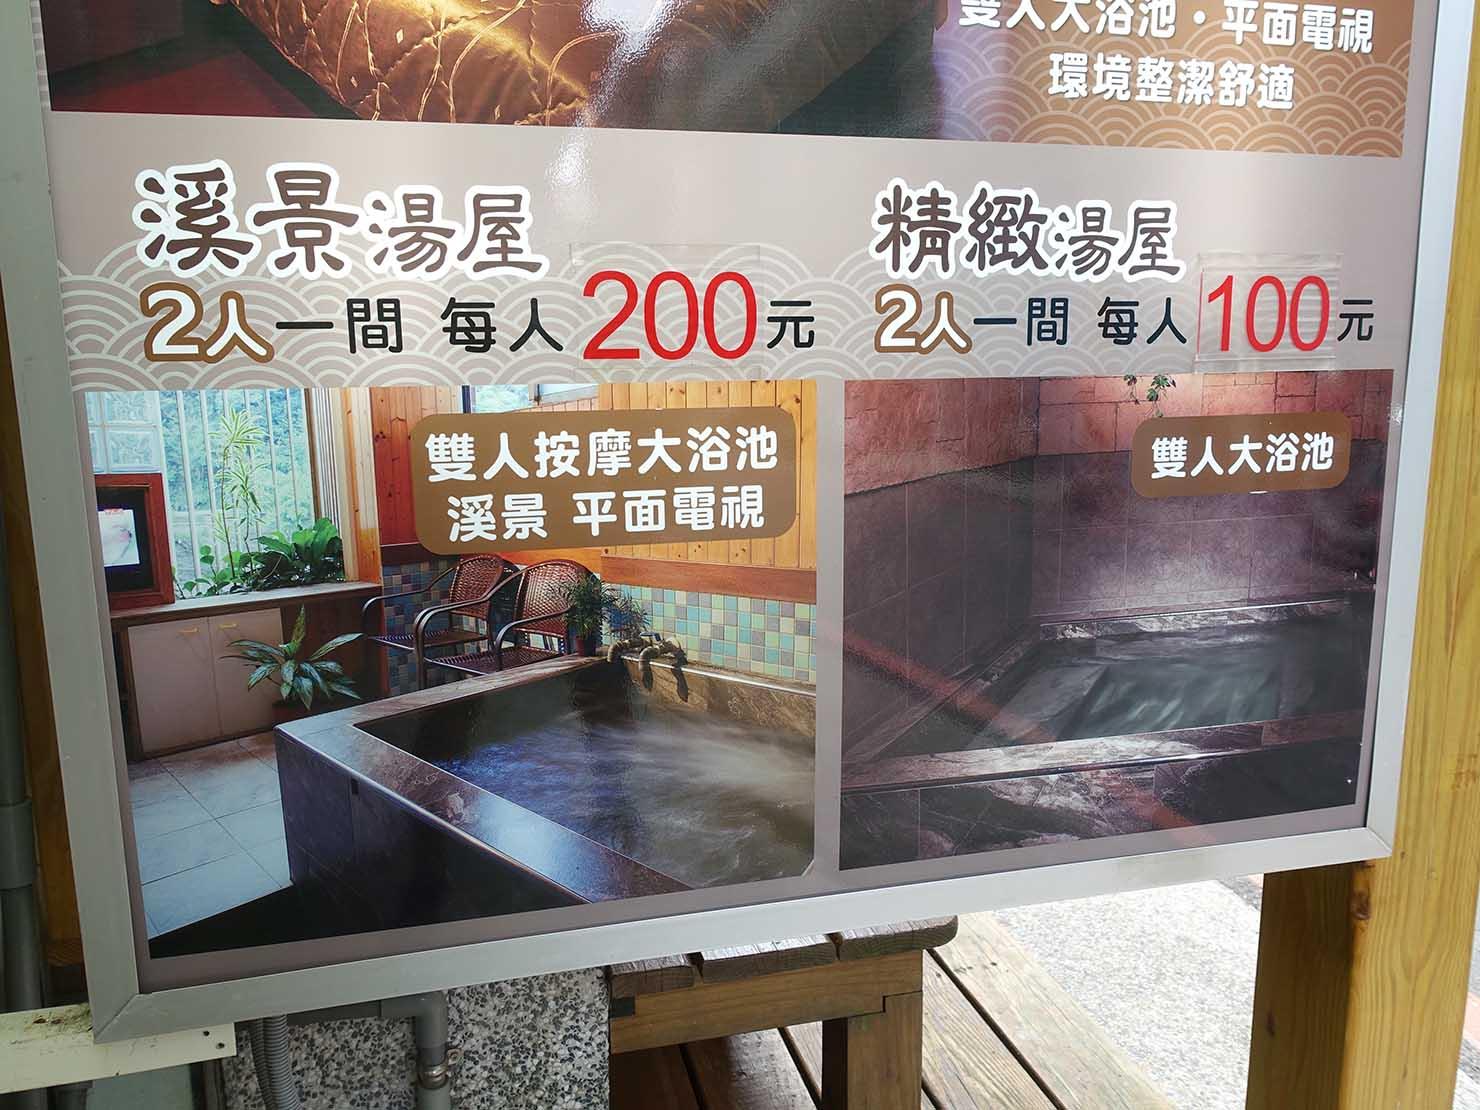 台北・烏來温泉の溫泉路に並ぶ湯屋の看板